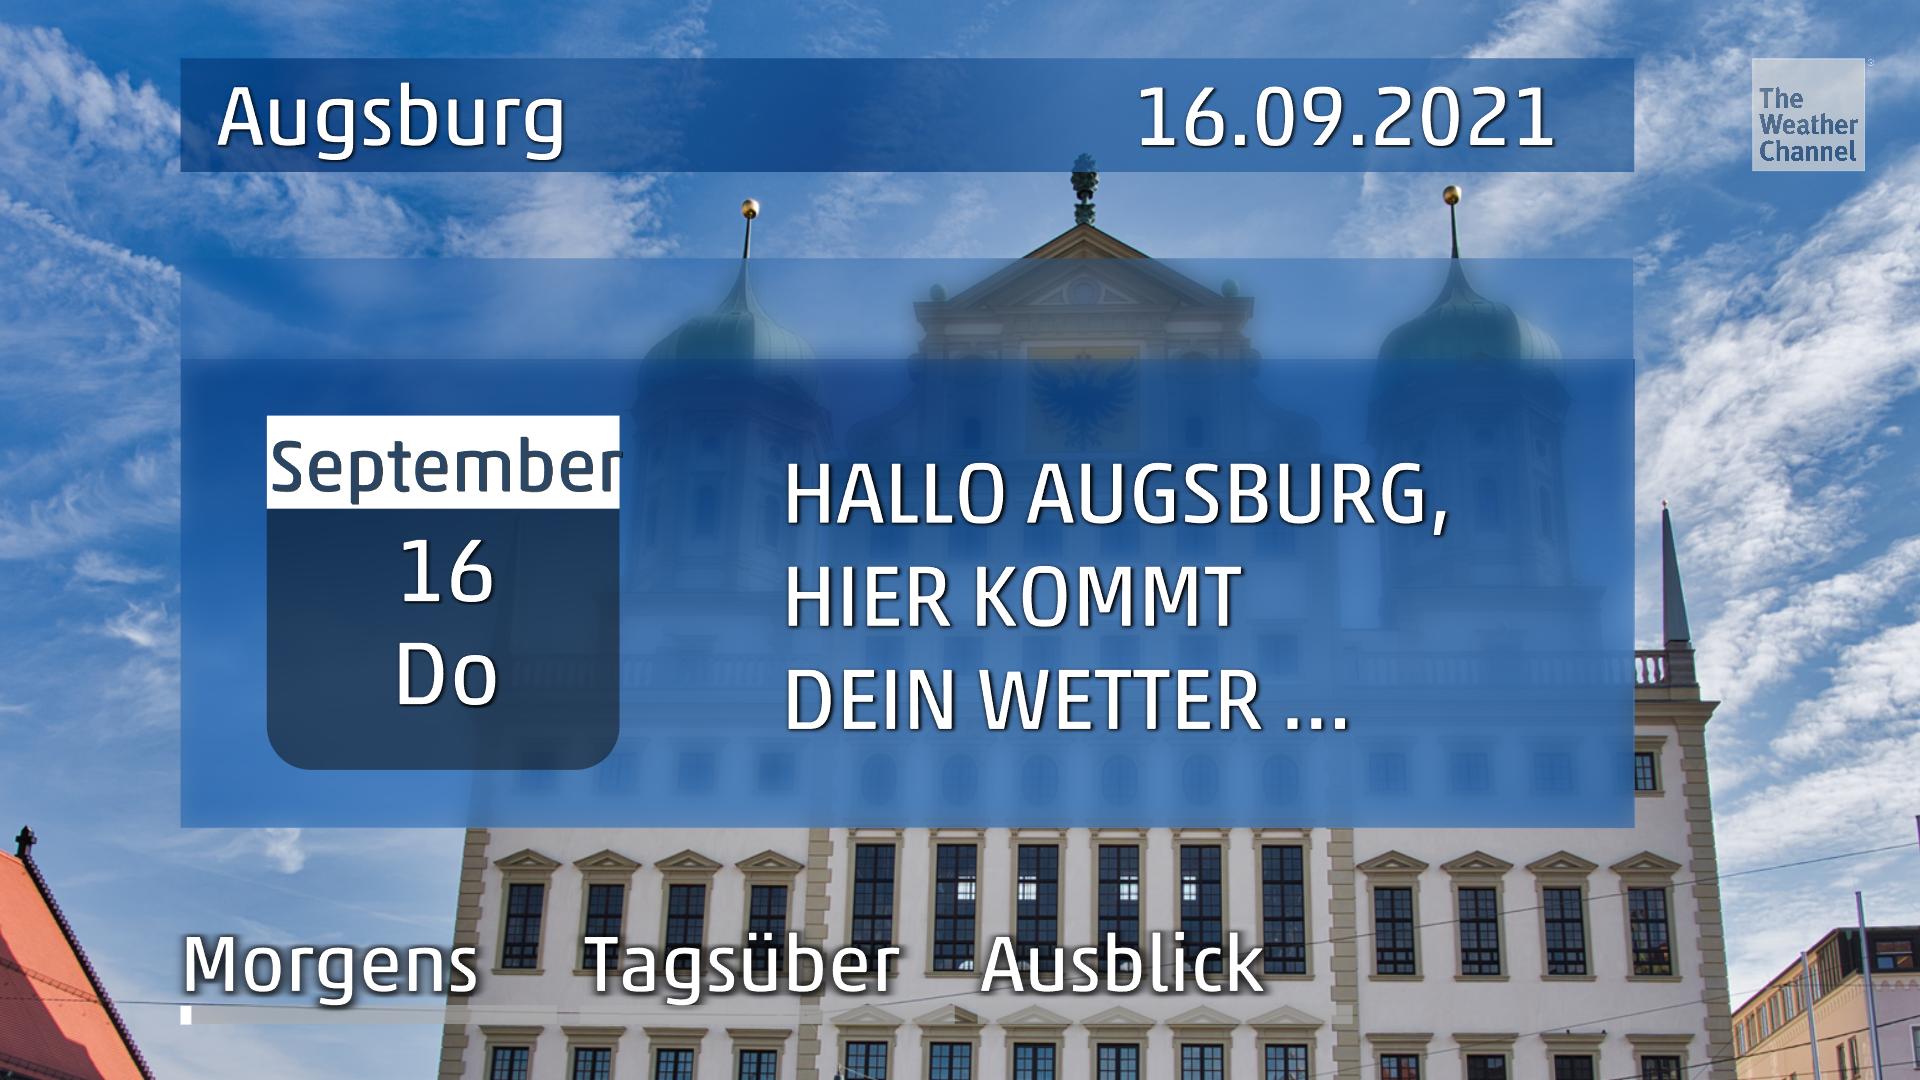 Das Wetter für Augsburg am Donnerstag, den 16.09.2021